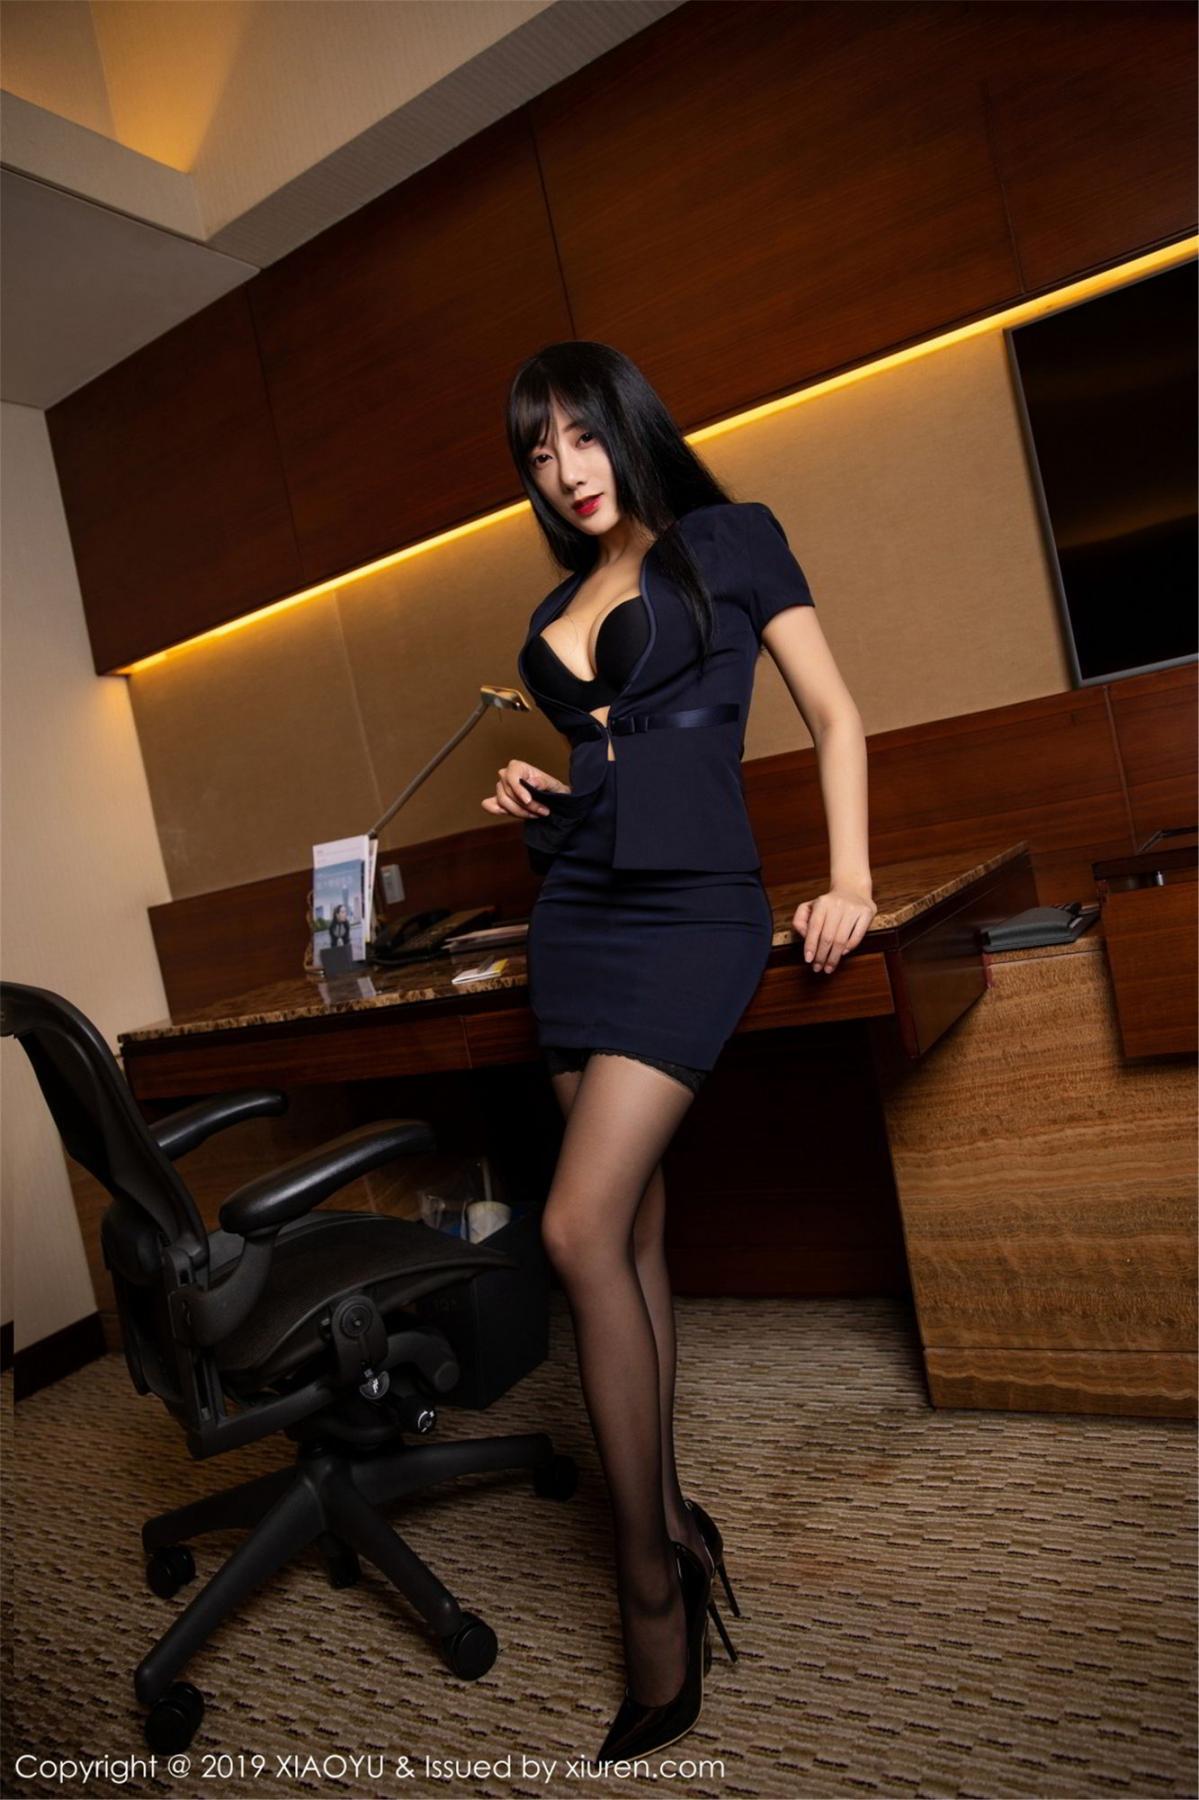 [XiaoYu] Vol.068 He Jia Ying 11P, Black Silk, He Jia Ying, Uniform, XiaoYu